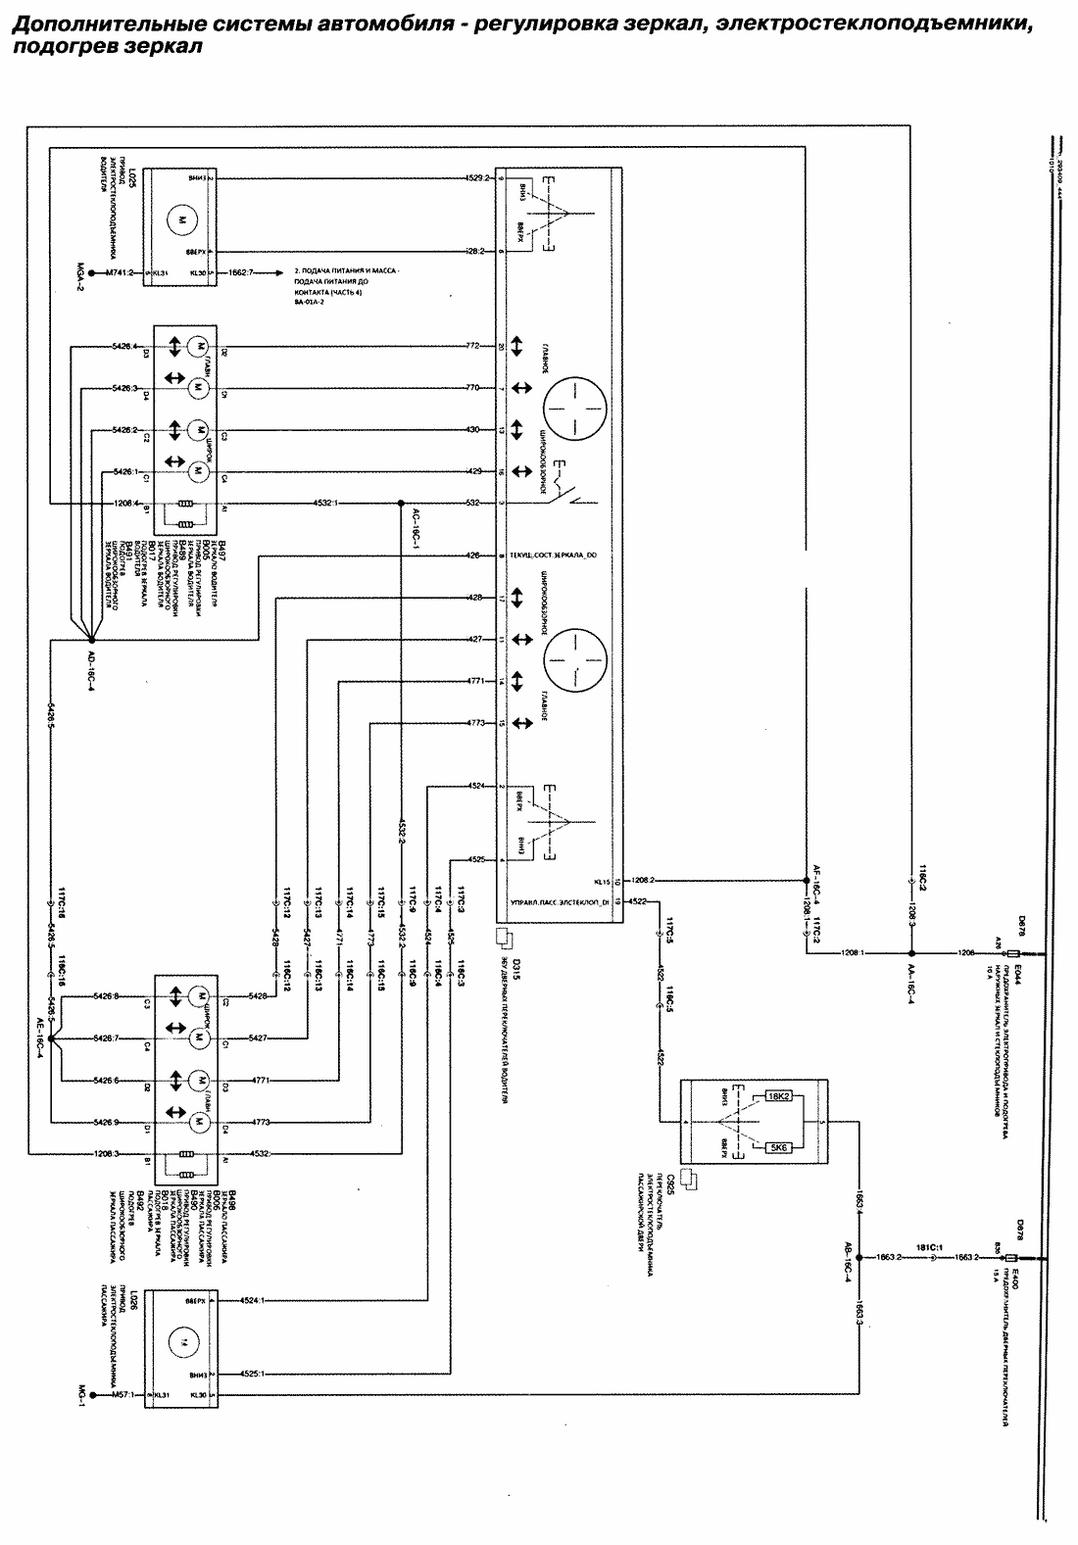 ЭЛЕКТРОСХЕМА DAF XF 105 СКАЧАТЬ БЕСПЛАТНО